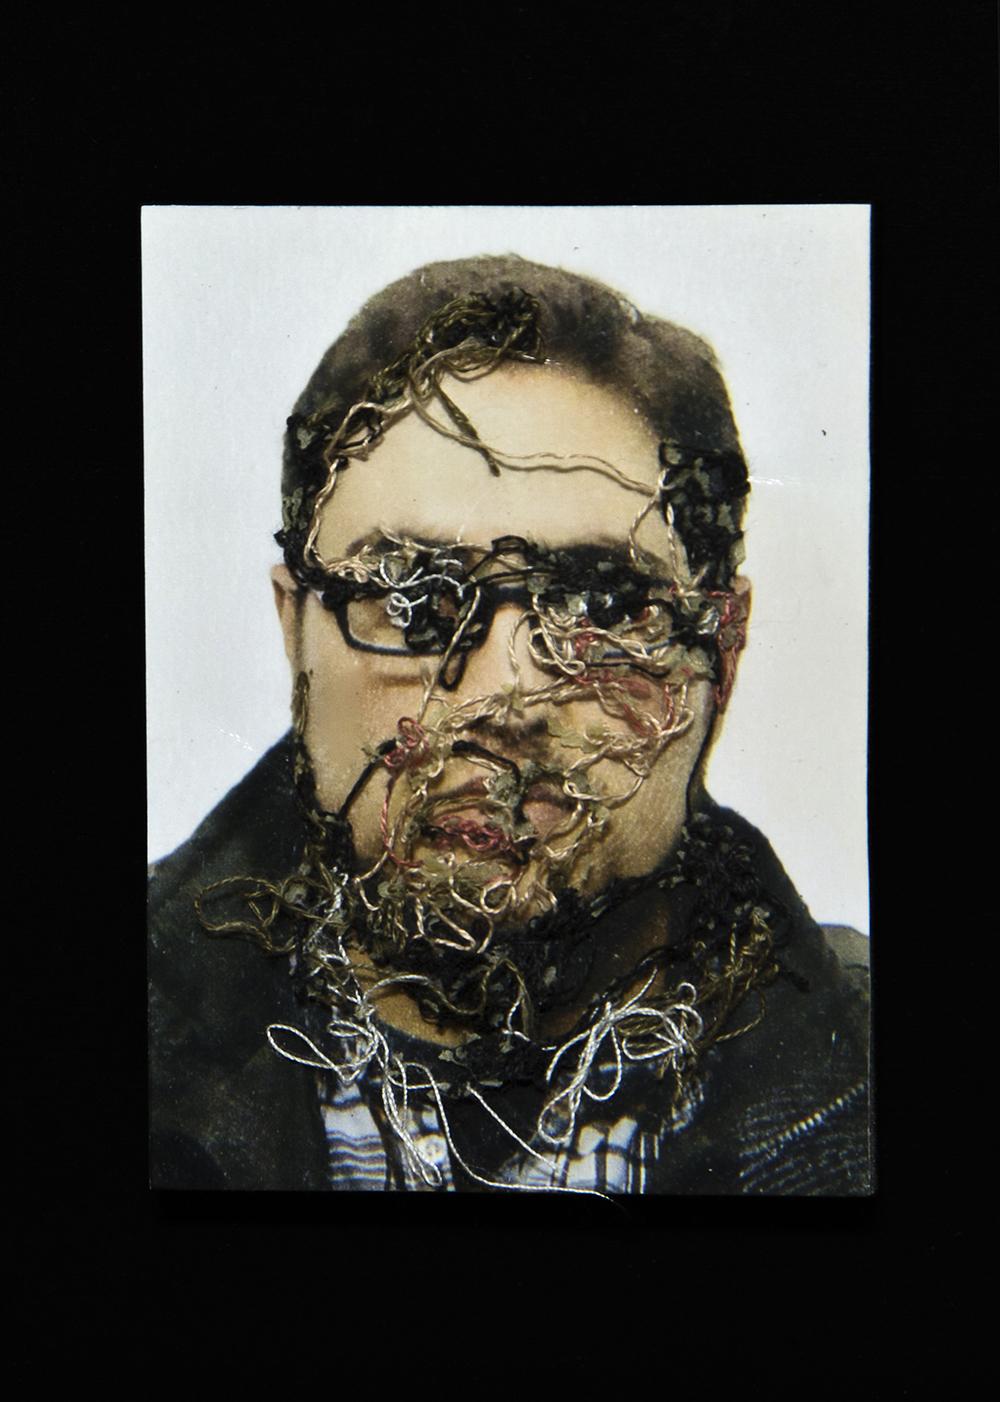 Mi amigo Carlos. A flor de piel, 16. 10x15 cm. Fotografía, hilo y piel. 2013